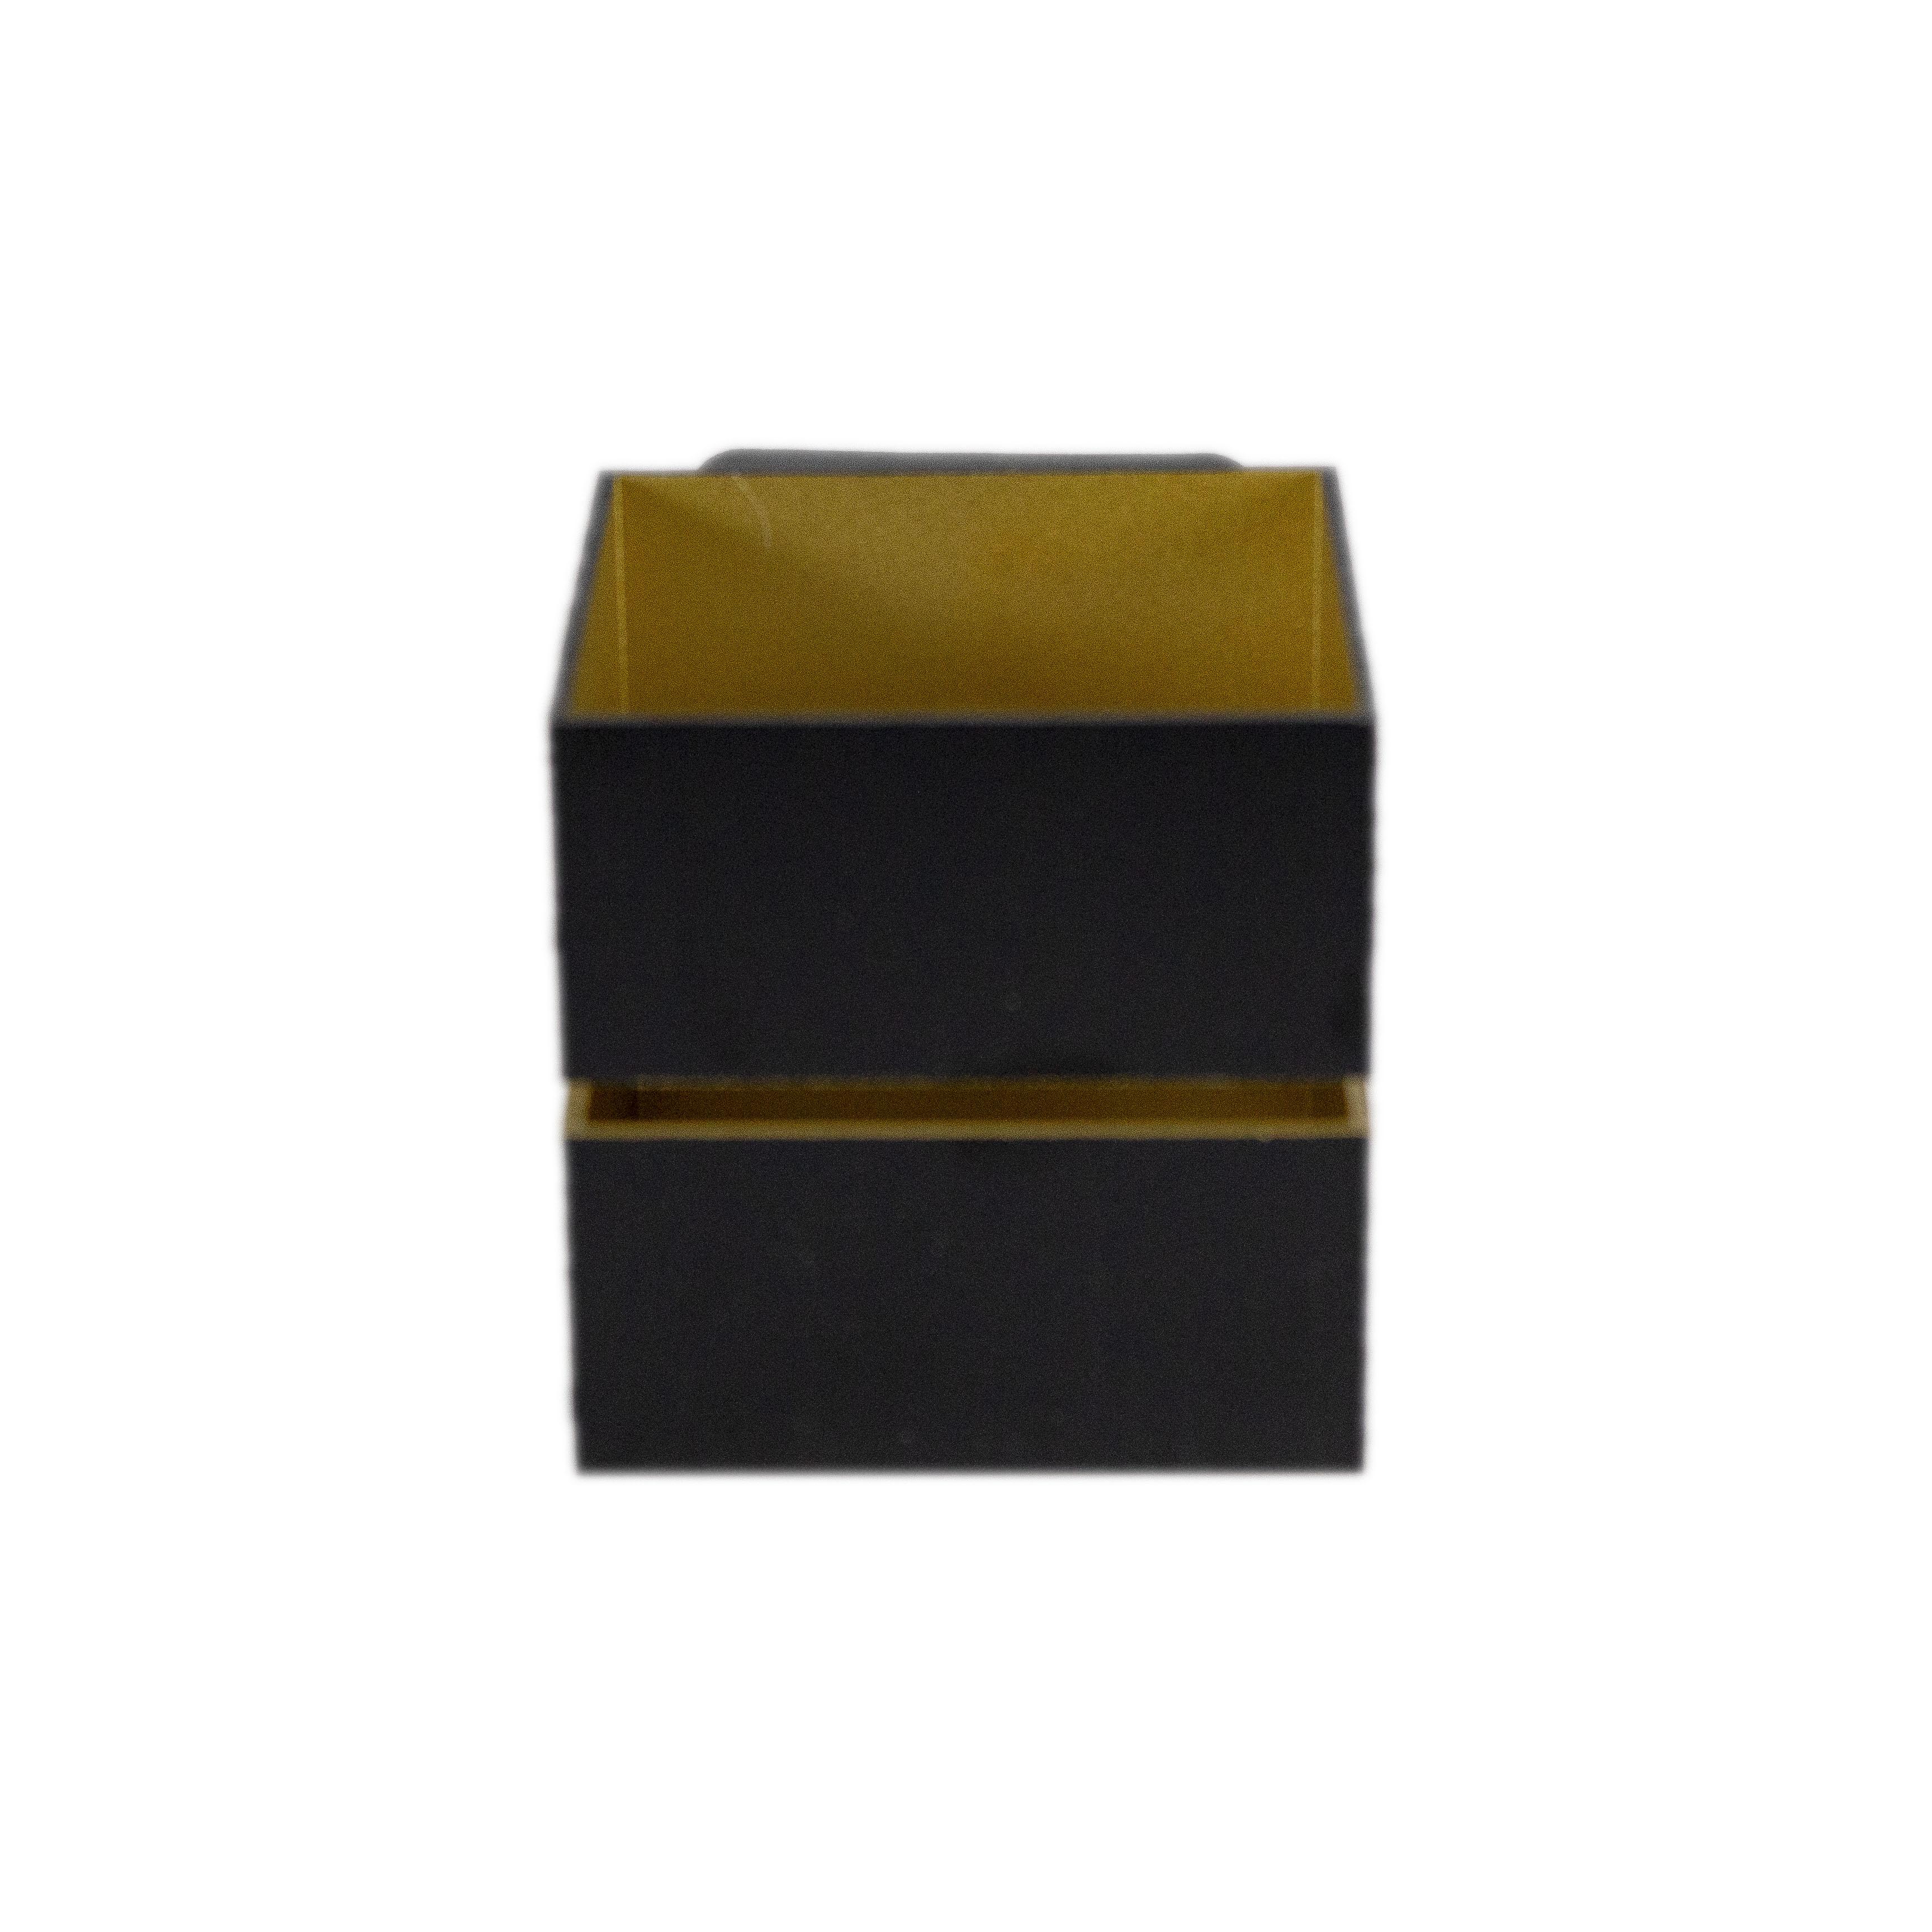 Led wandlamp vierkant zwart goud 2 keer G9 fitting - ip20 - vooraanzicht lamp uit